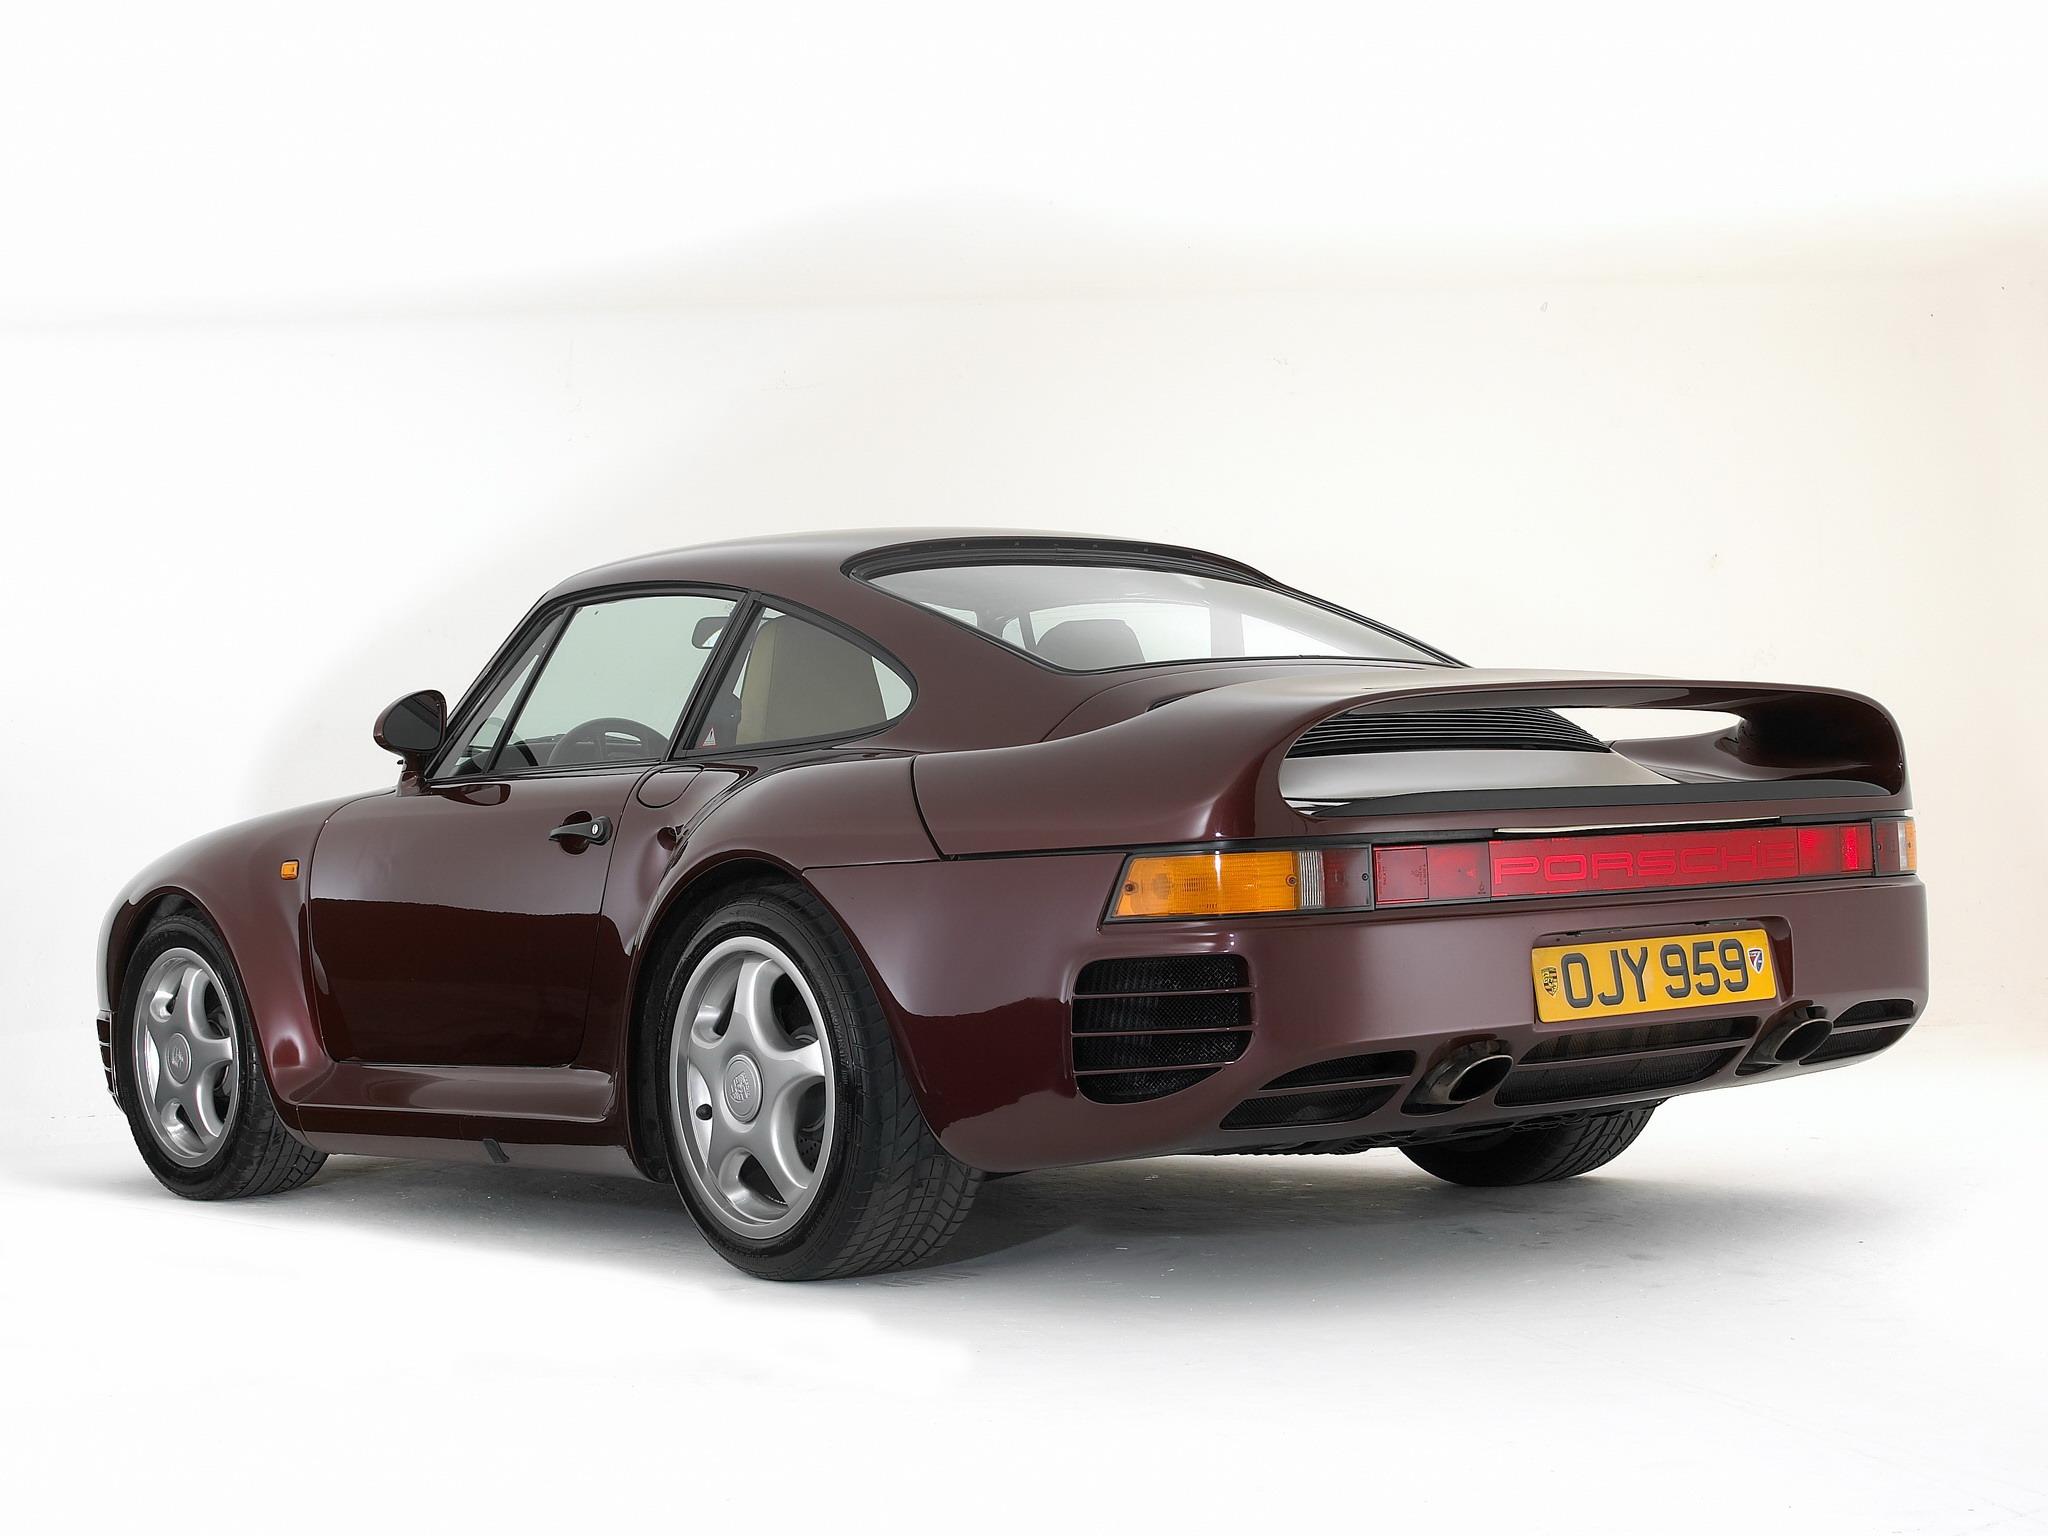 Porsche 959 1986 - 1991 Coupe #2